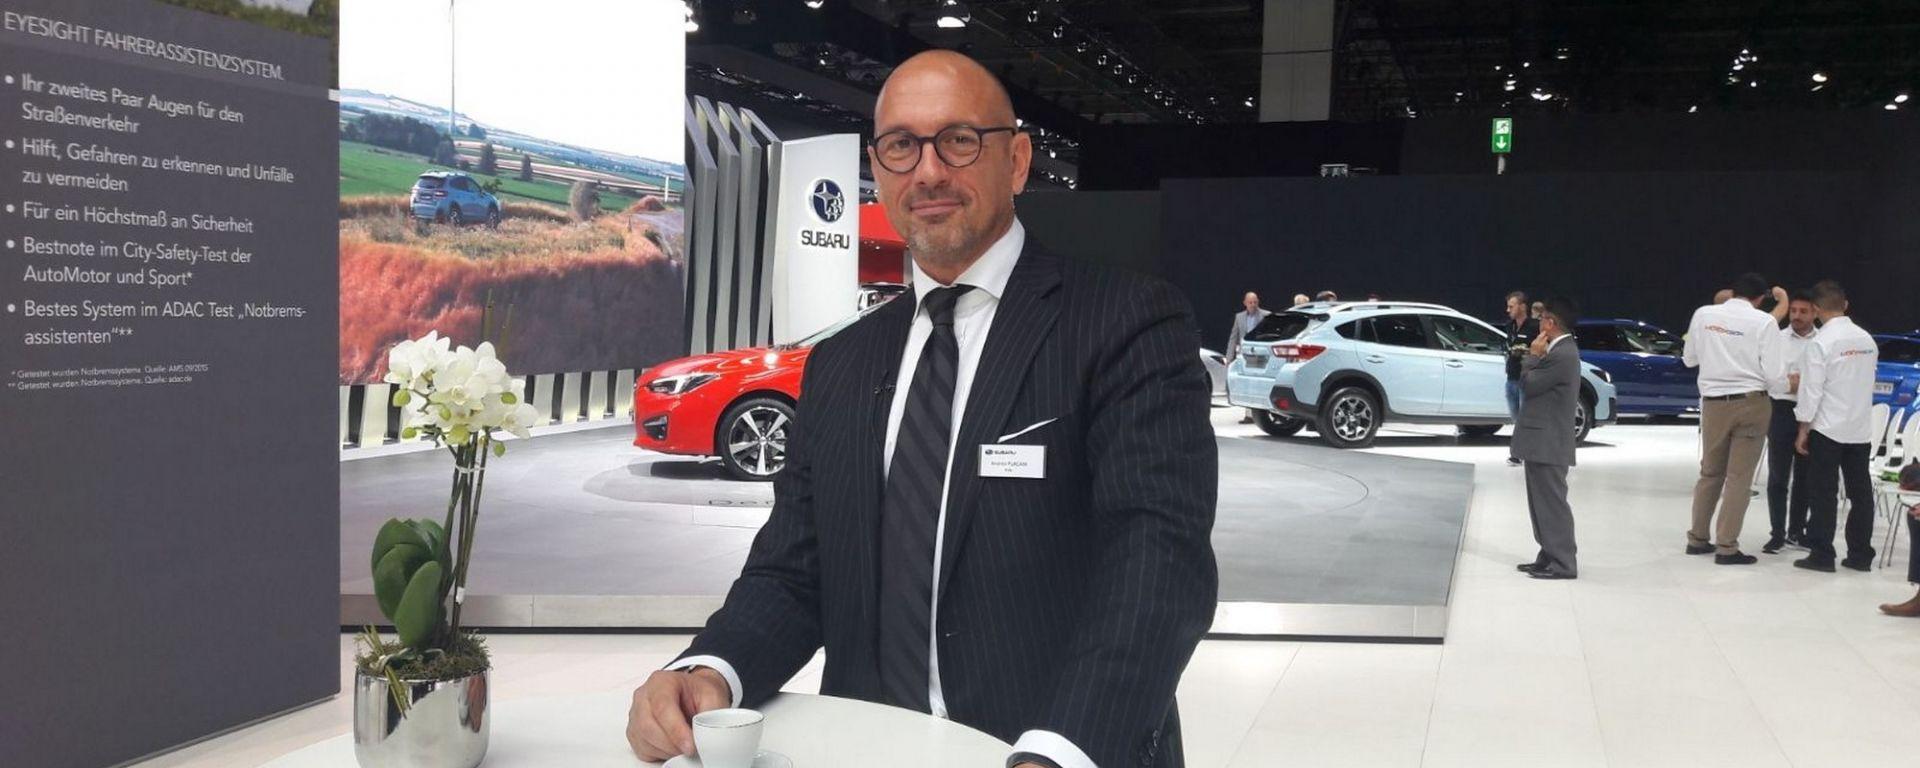 Le novità Subaru raccontate da Andrea Placani, Responsabile Comunicazione Subaru Italia